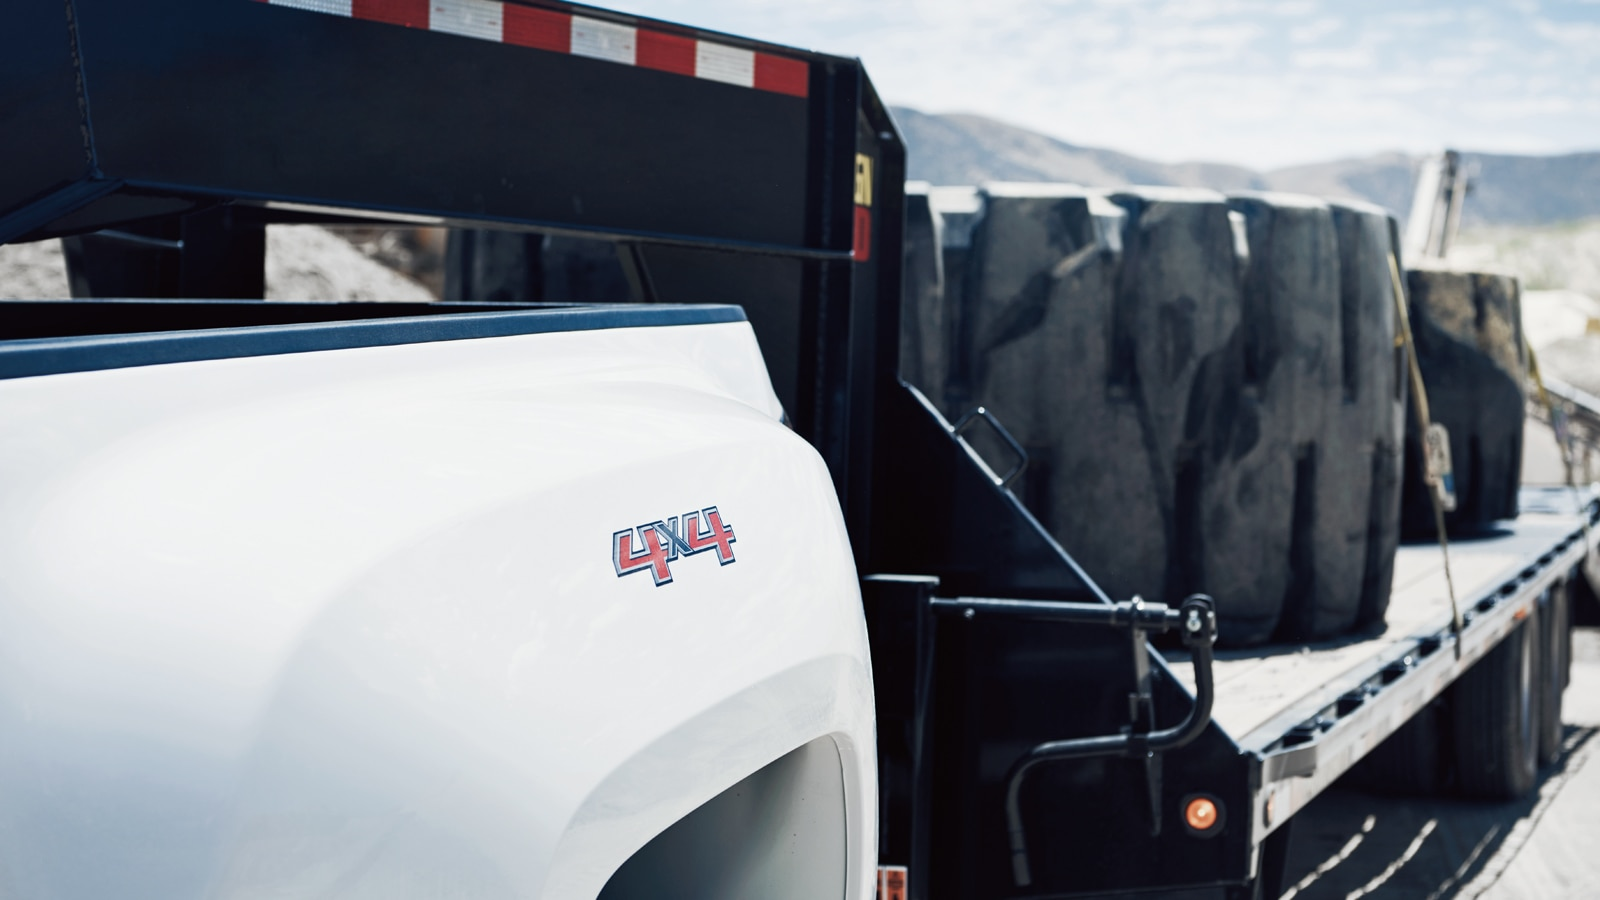 Primer plano de una camioneta arrastrando un remolque.